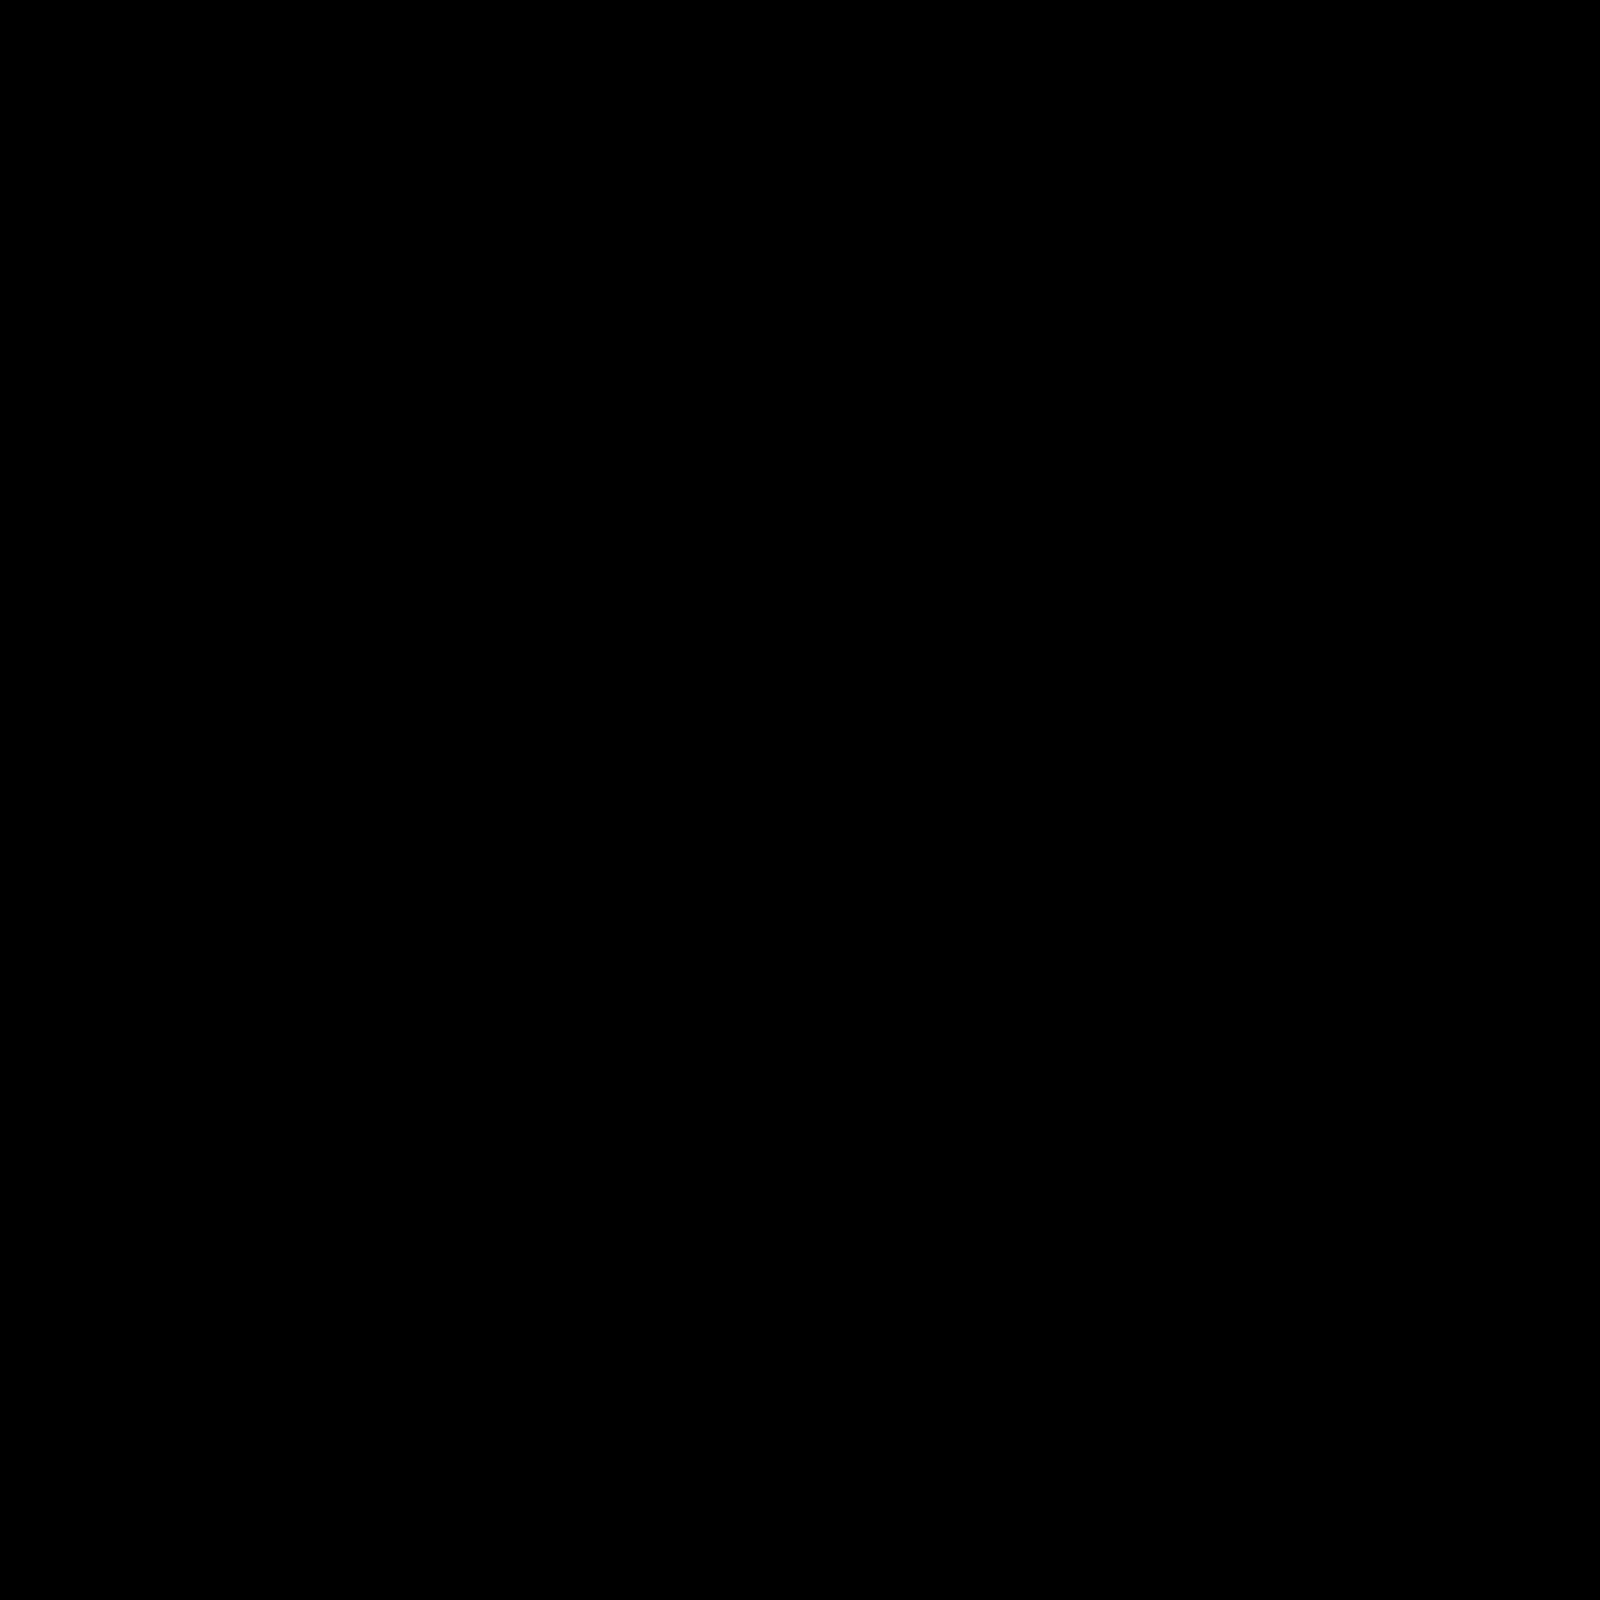 Hooli Filled icon